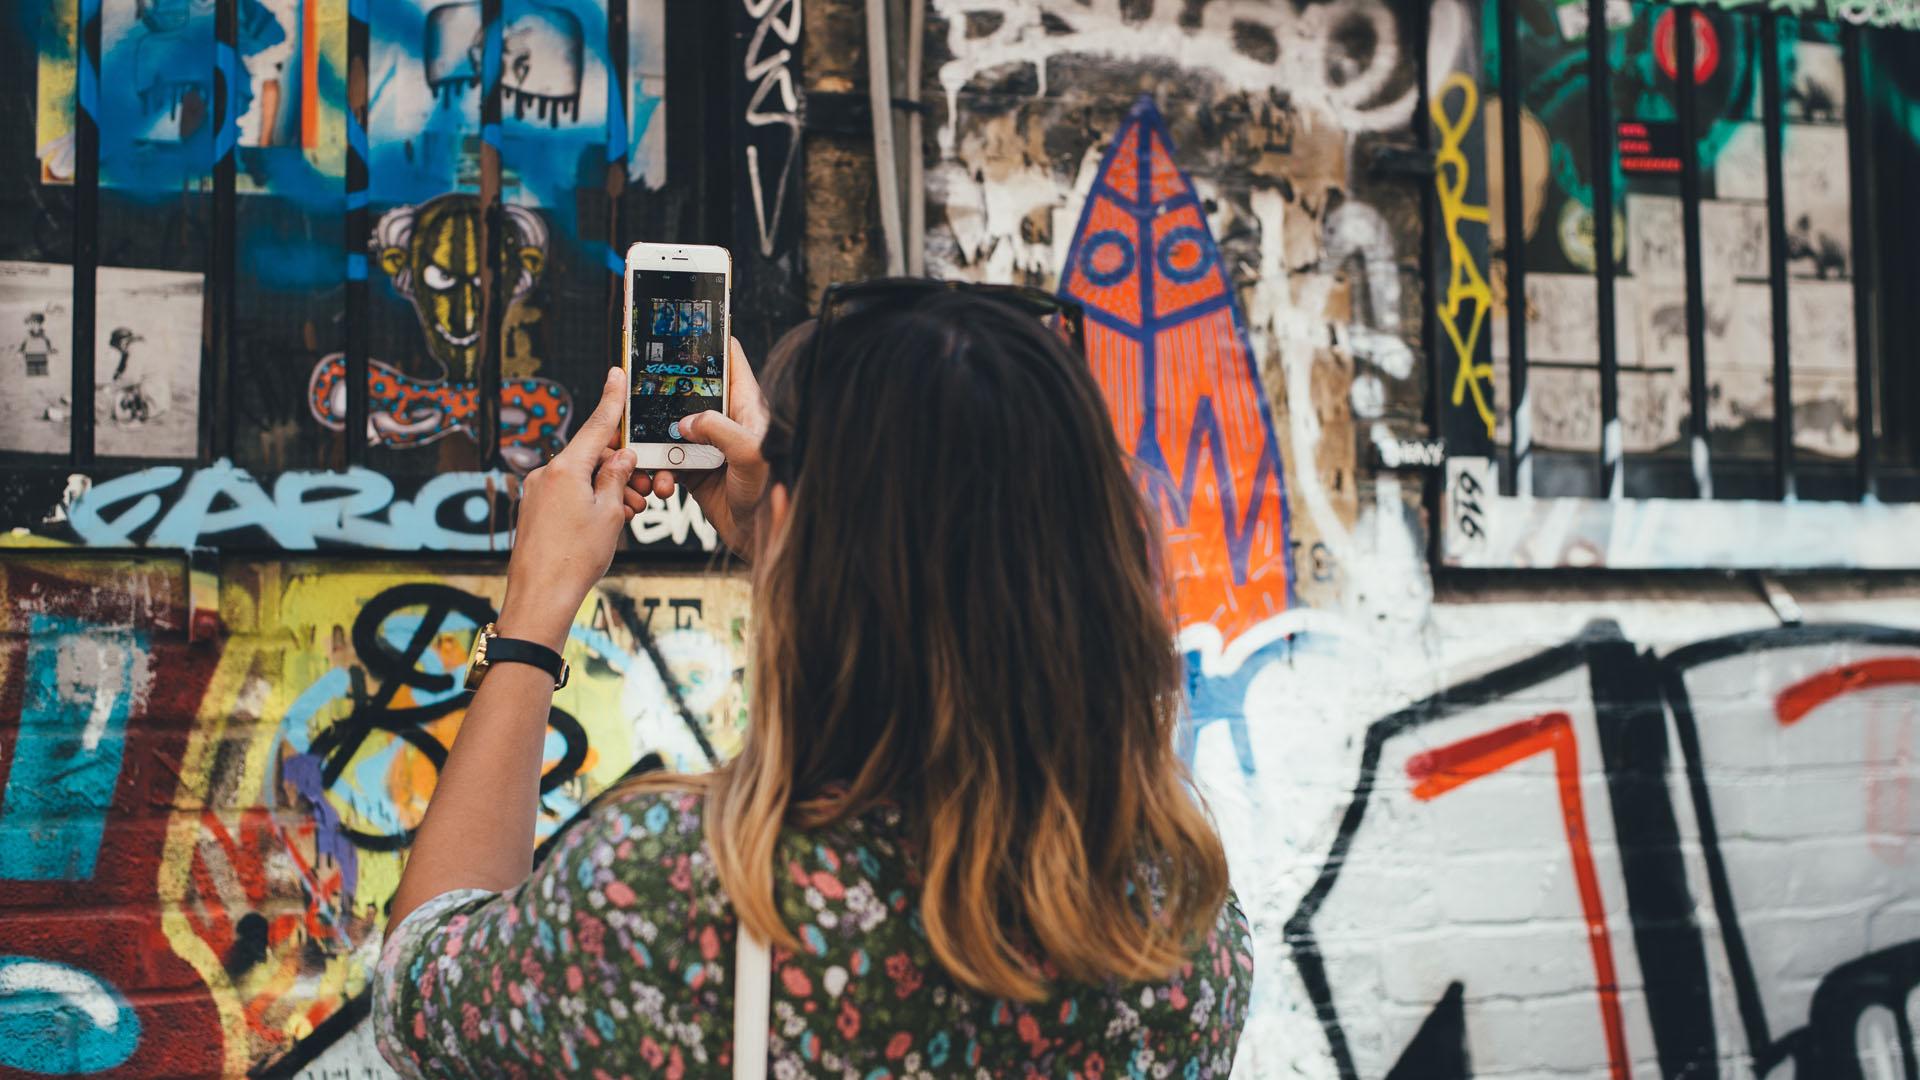 61 Prozent der 12- bis 19-Jährigen nutzen Instagram, 46 Prozent Snapchat